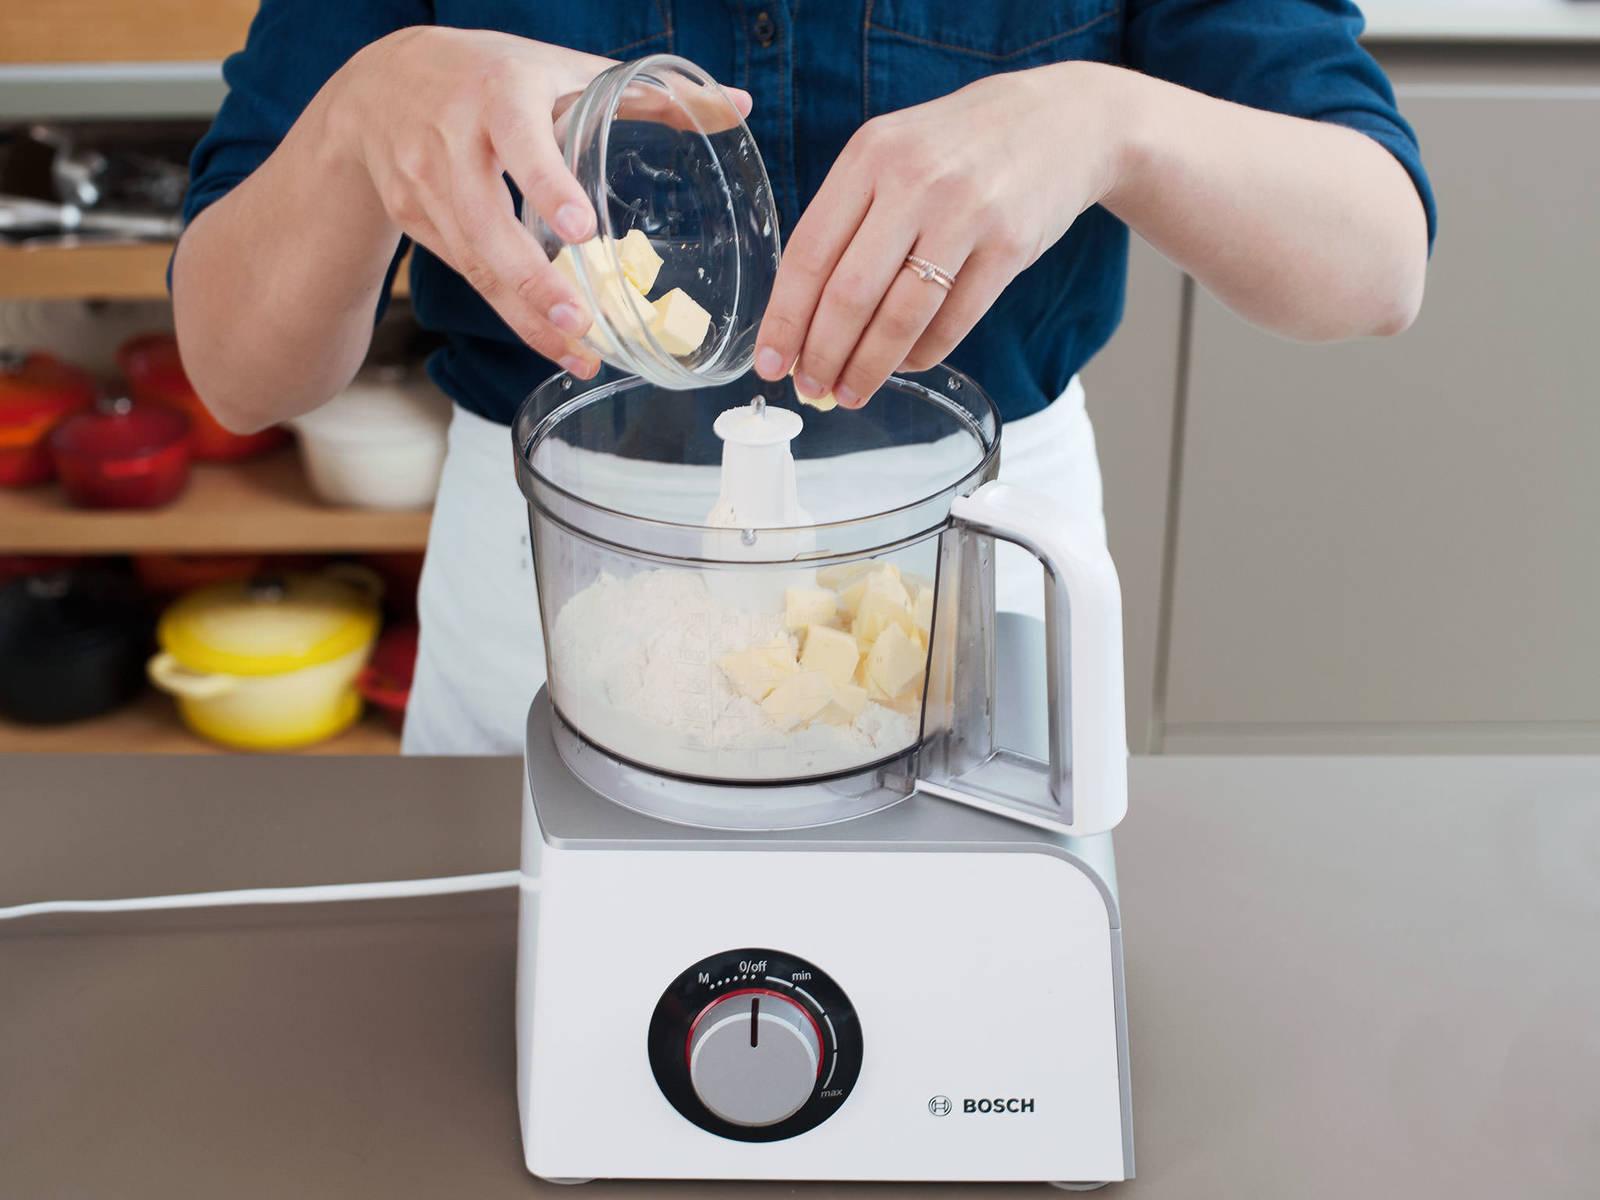 Für den Teig Mehl und Salz in die Schüssel der Küchenmaschine geben. Durch Pulsieren vermischen, dann Butter zugeben und pulsieren, bis die Butter in mandelgroße Stücke zerteilt ist. Löffel für Löffel Wasser zugeben und pulsieren, bis der Teig sich verbindet. Zu einer Scheibe formen und mit Frischhaltefolie einwickeln, dann vor dem Ausrollen für mindestens 1 h kalt stellen.